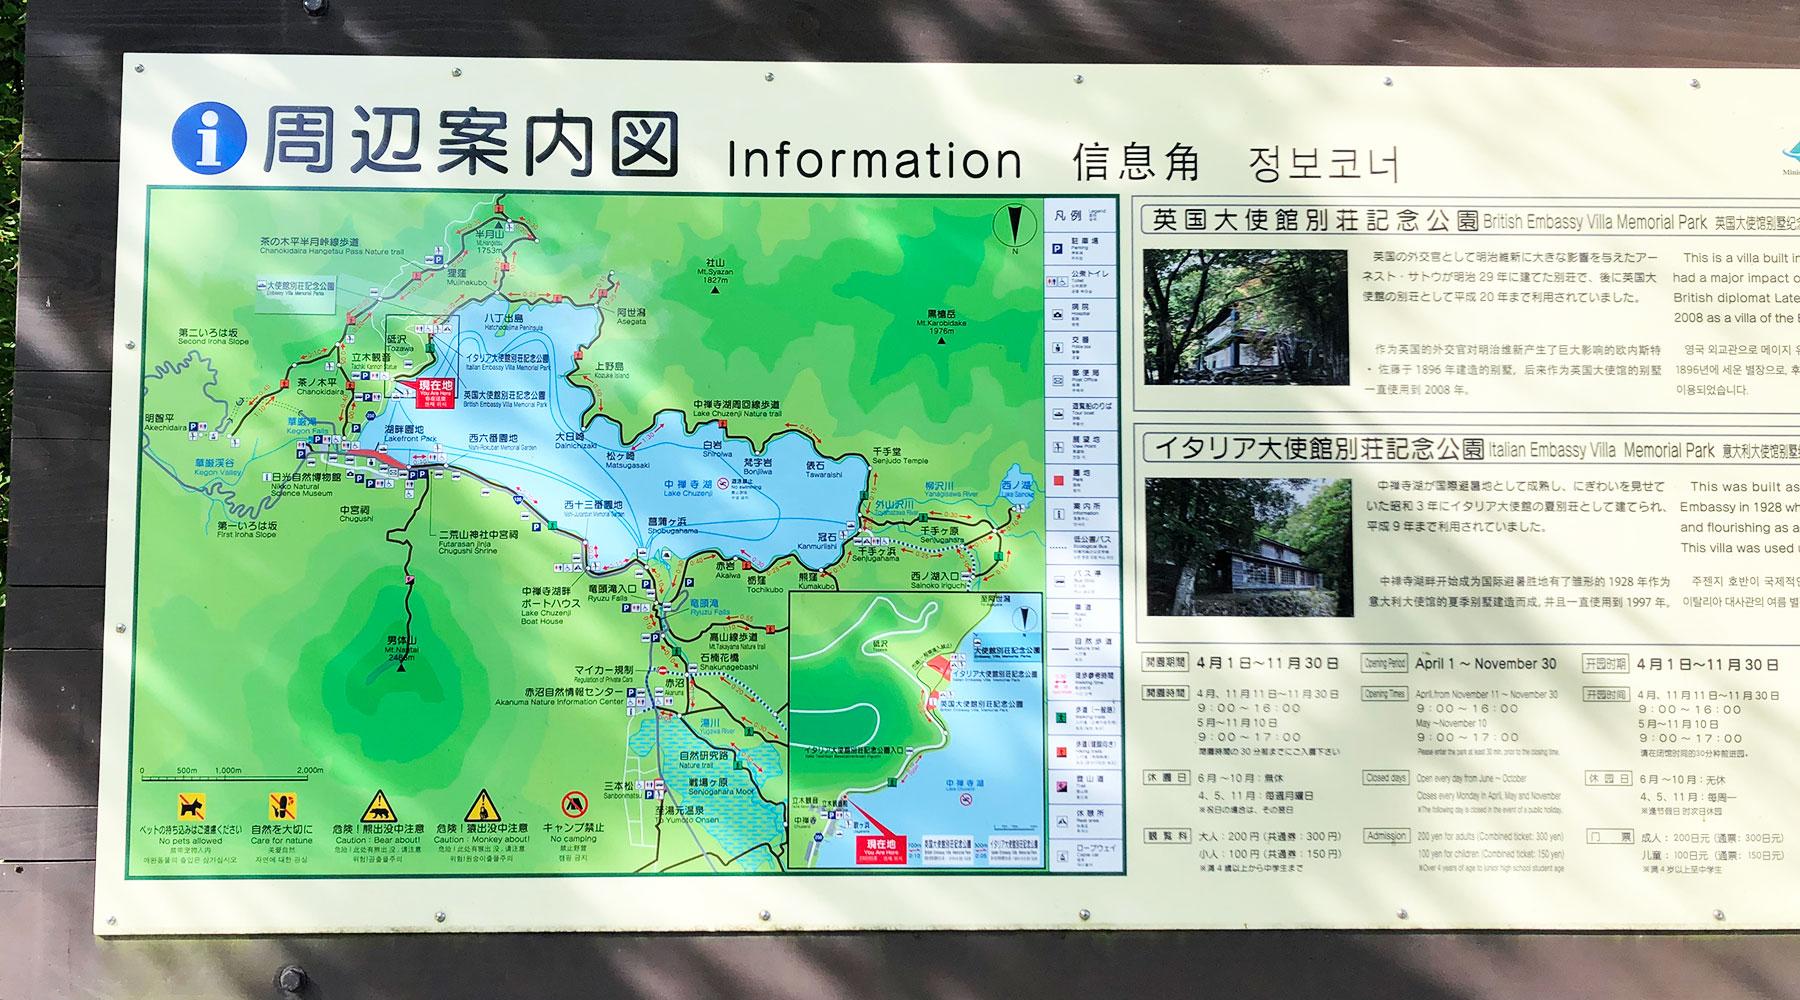 中禅寺湖東岸の周辺案内図